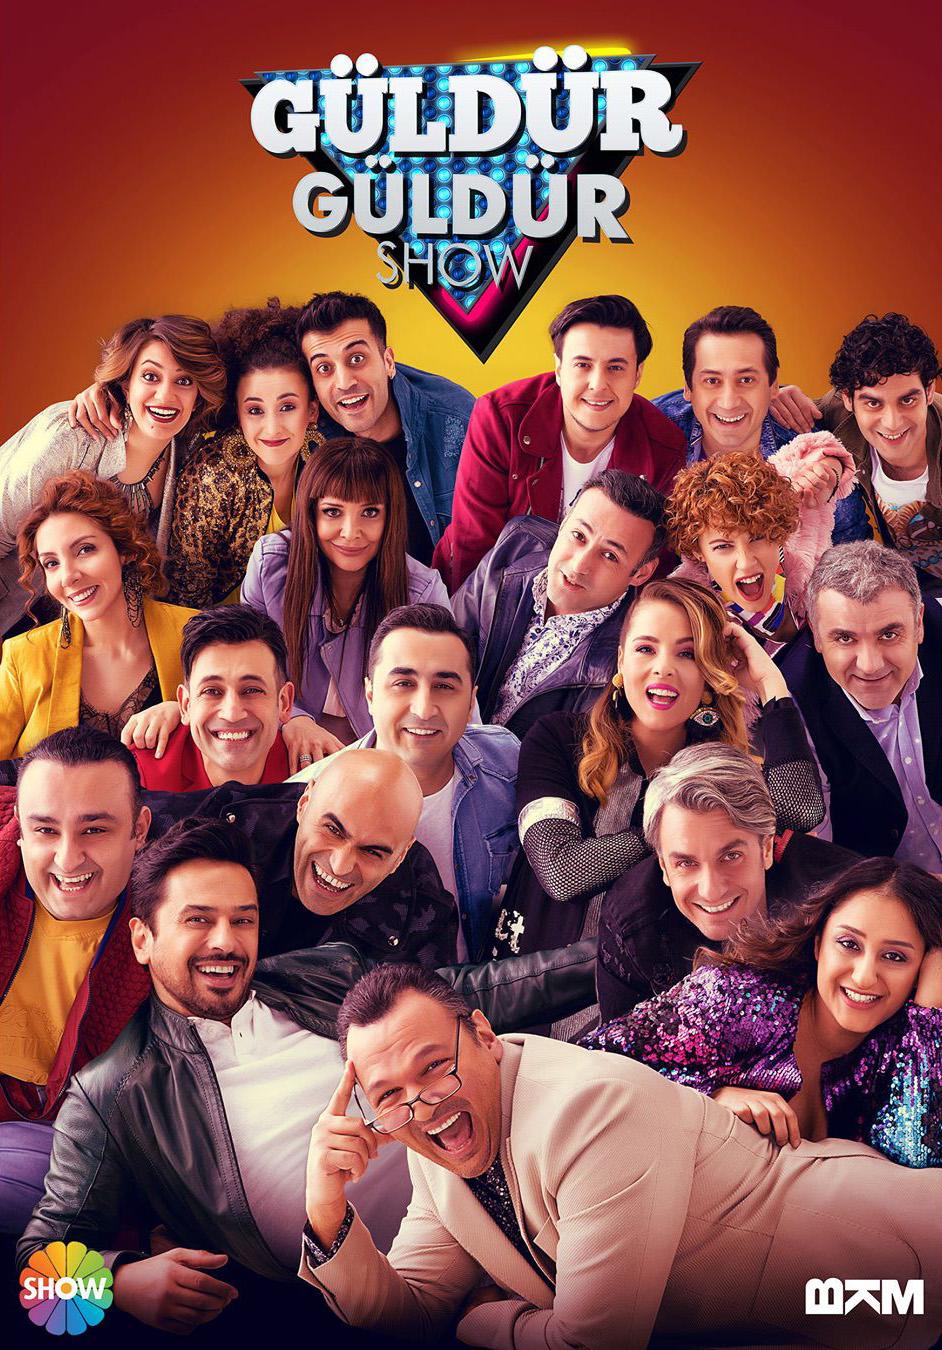 Show Güldür Güldür Show Yeni Sezon 2019 192bölüm Tam Bölüm